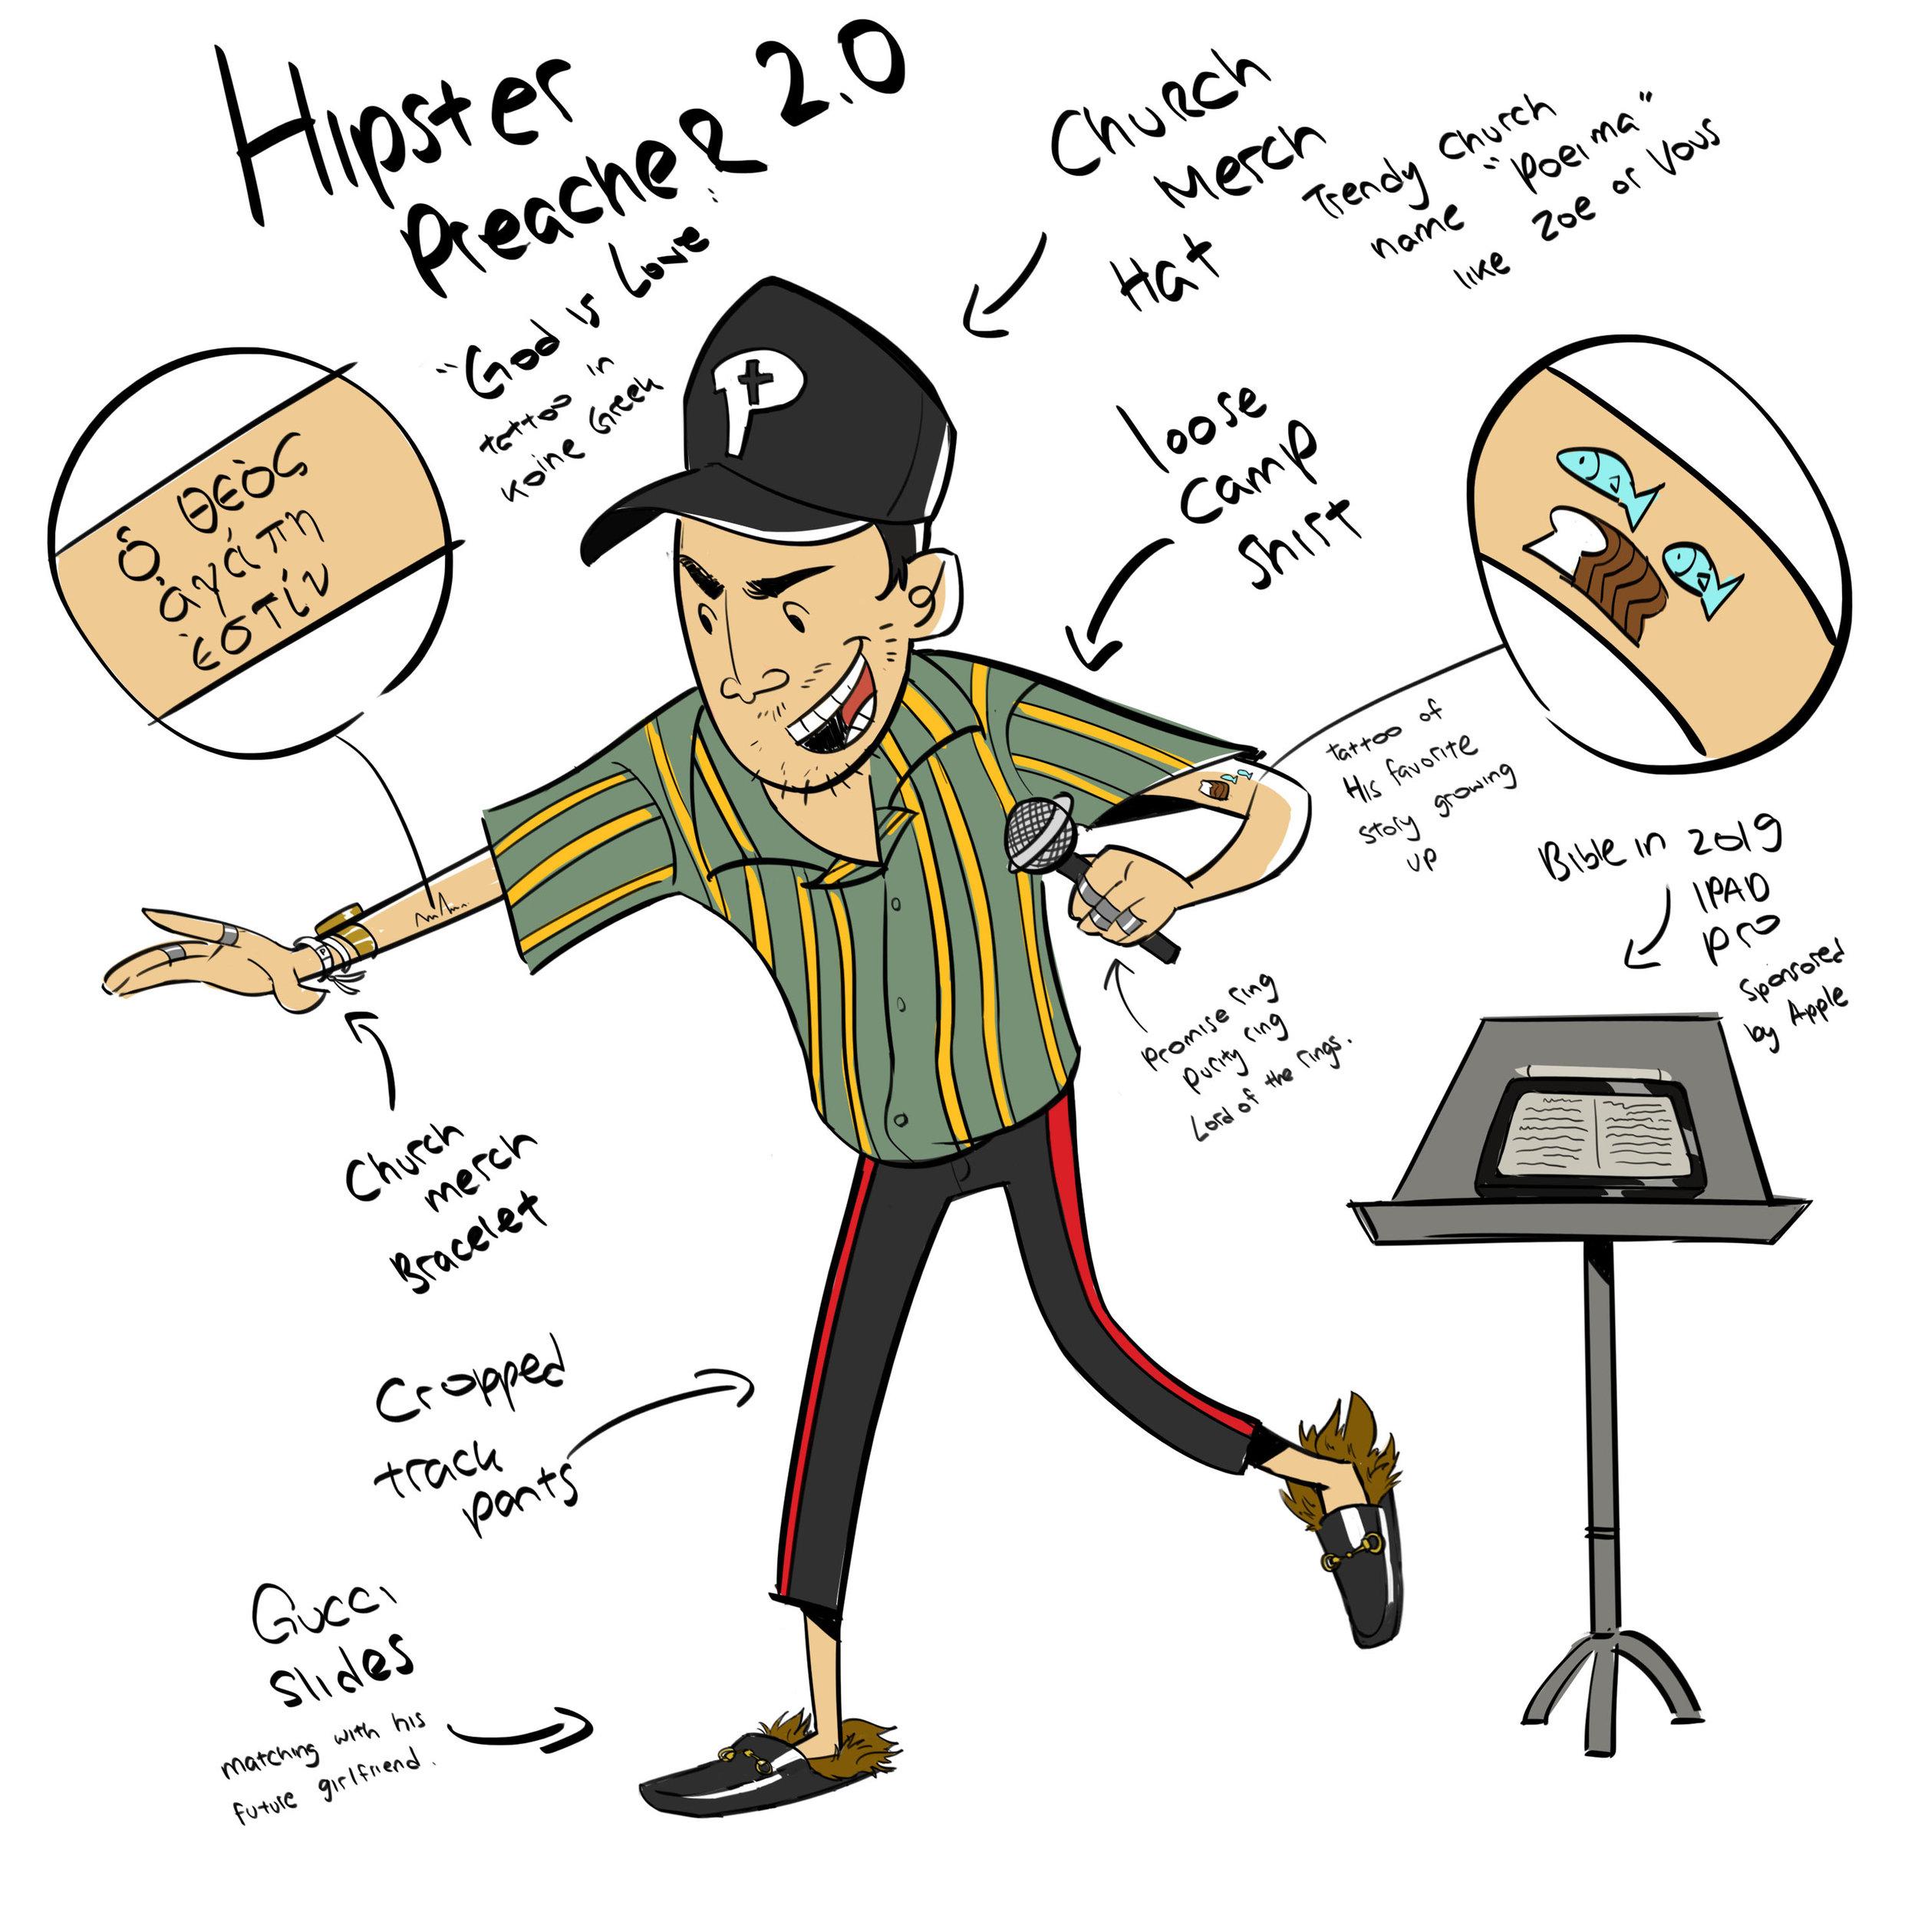 Hipster preacher 2.0.jpg